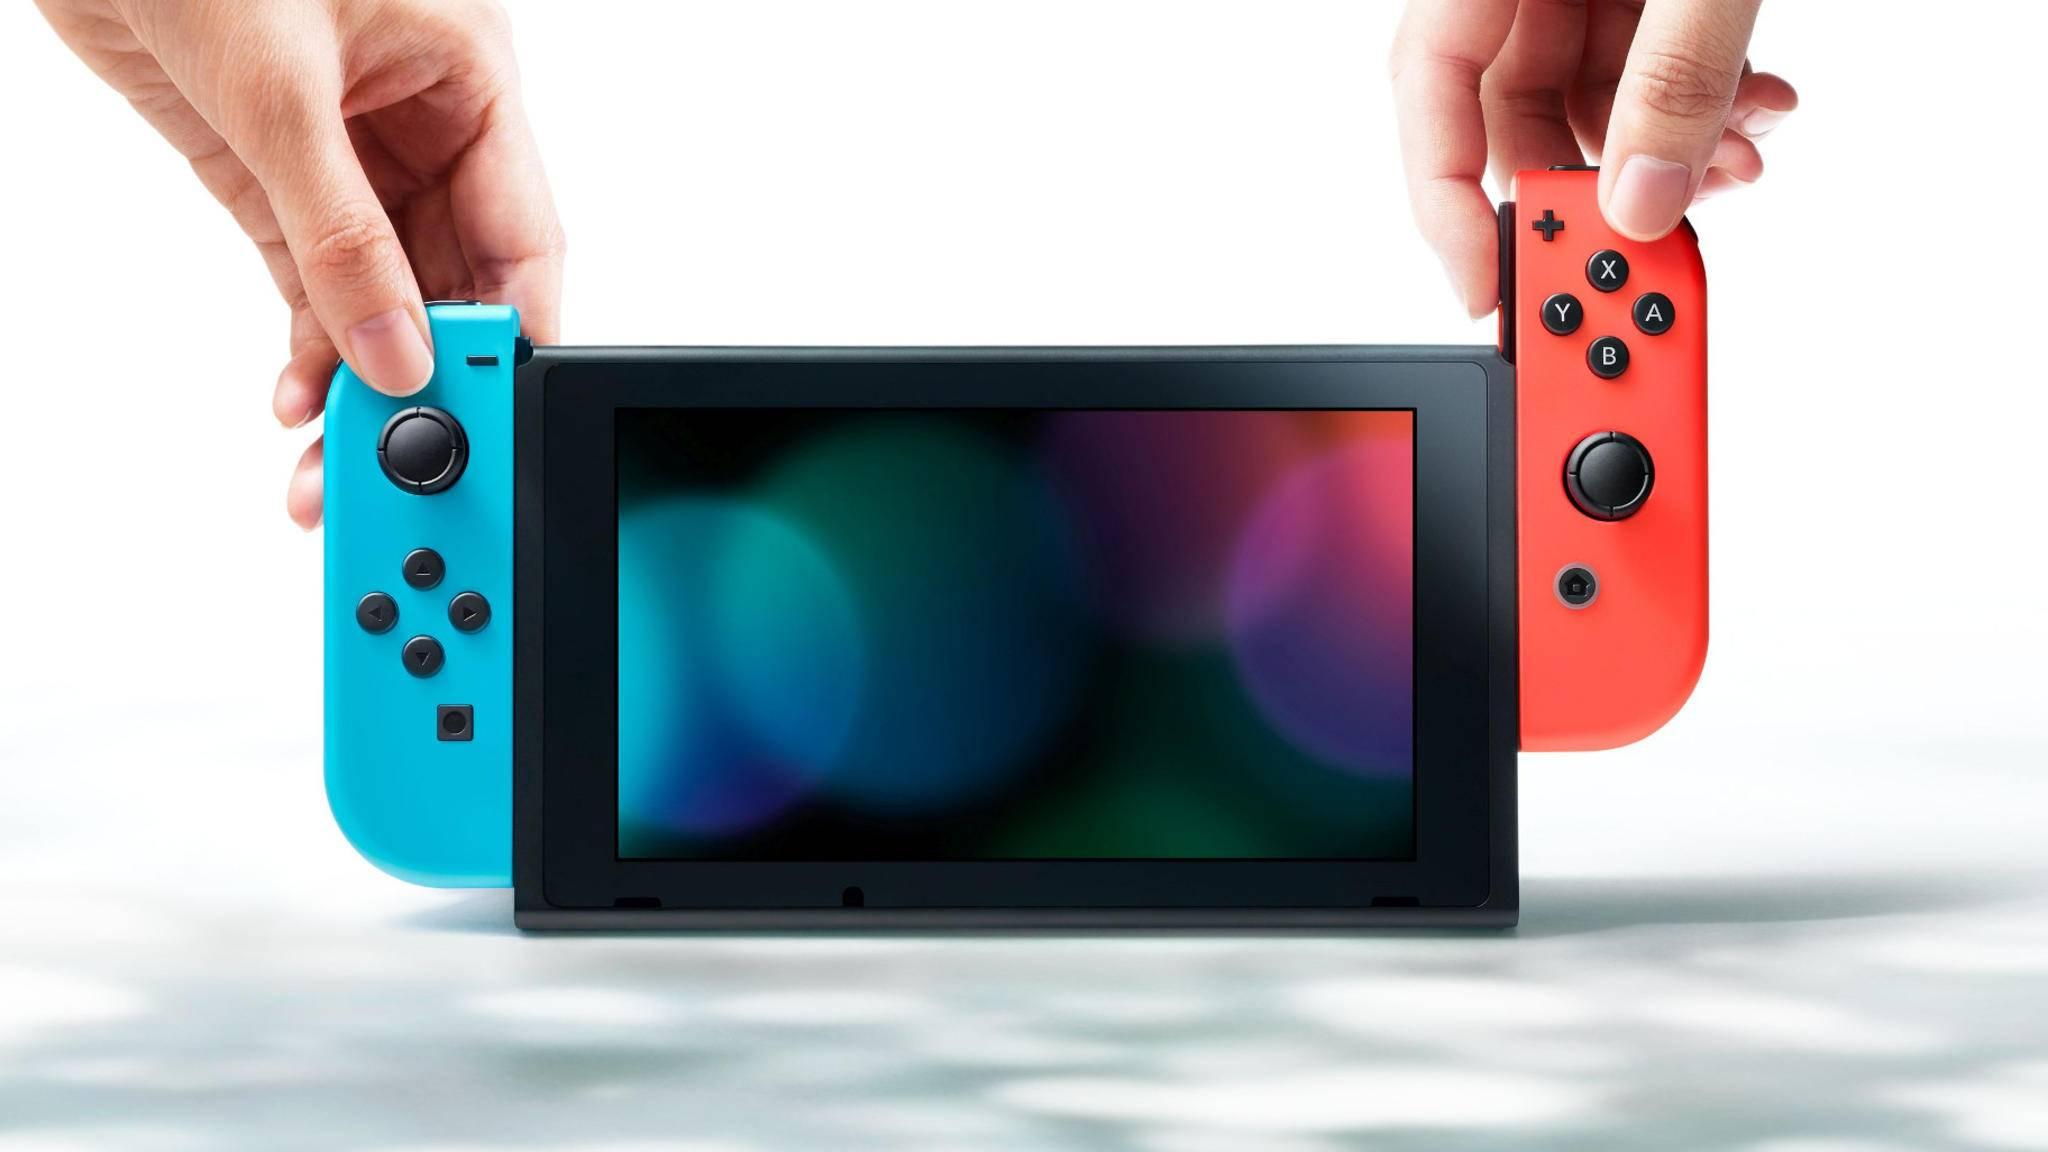 Die Nintendo Switch könnte bald noch mehr Controller unterstützen.